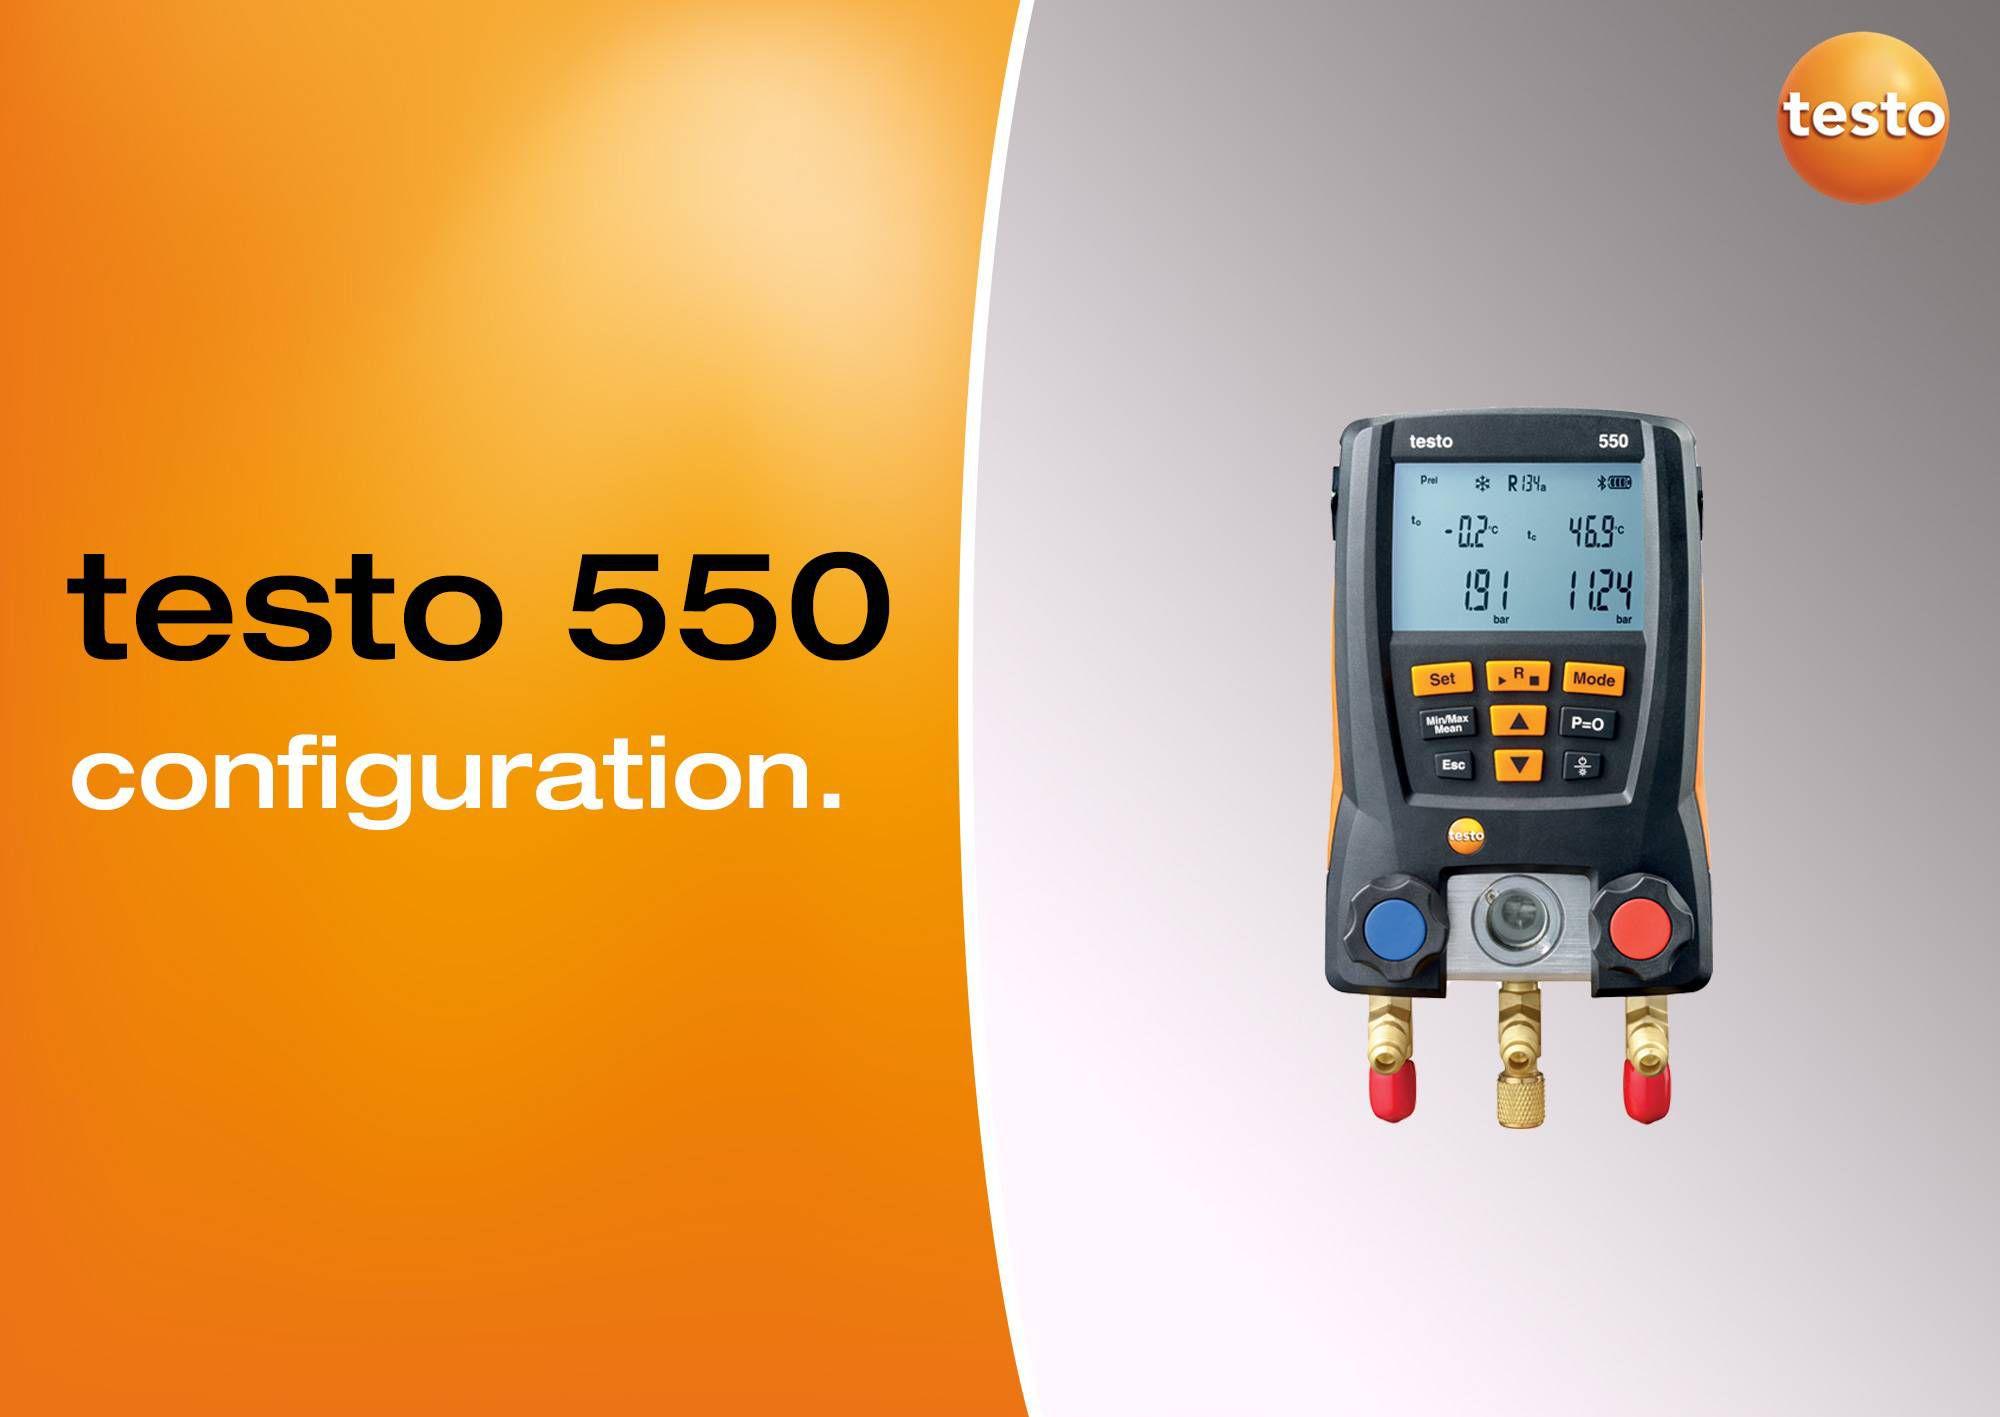 Tutoriel vidéo configuration monomètre testo 550